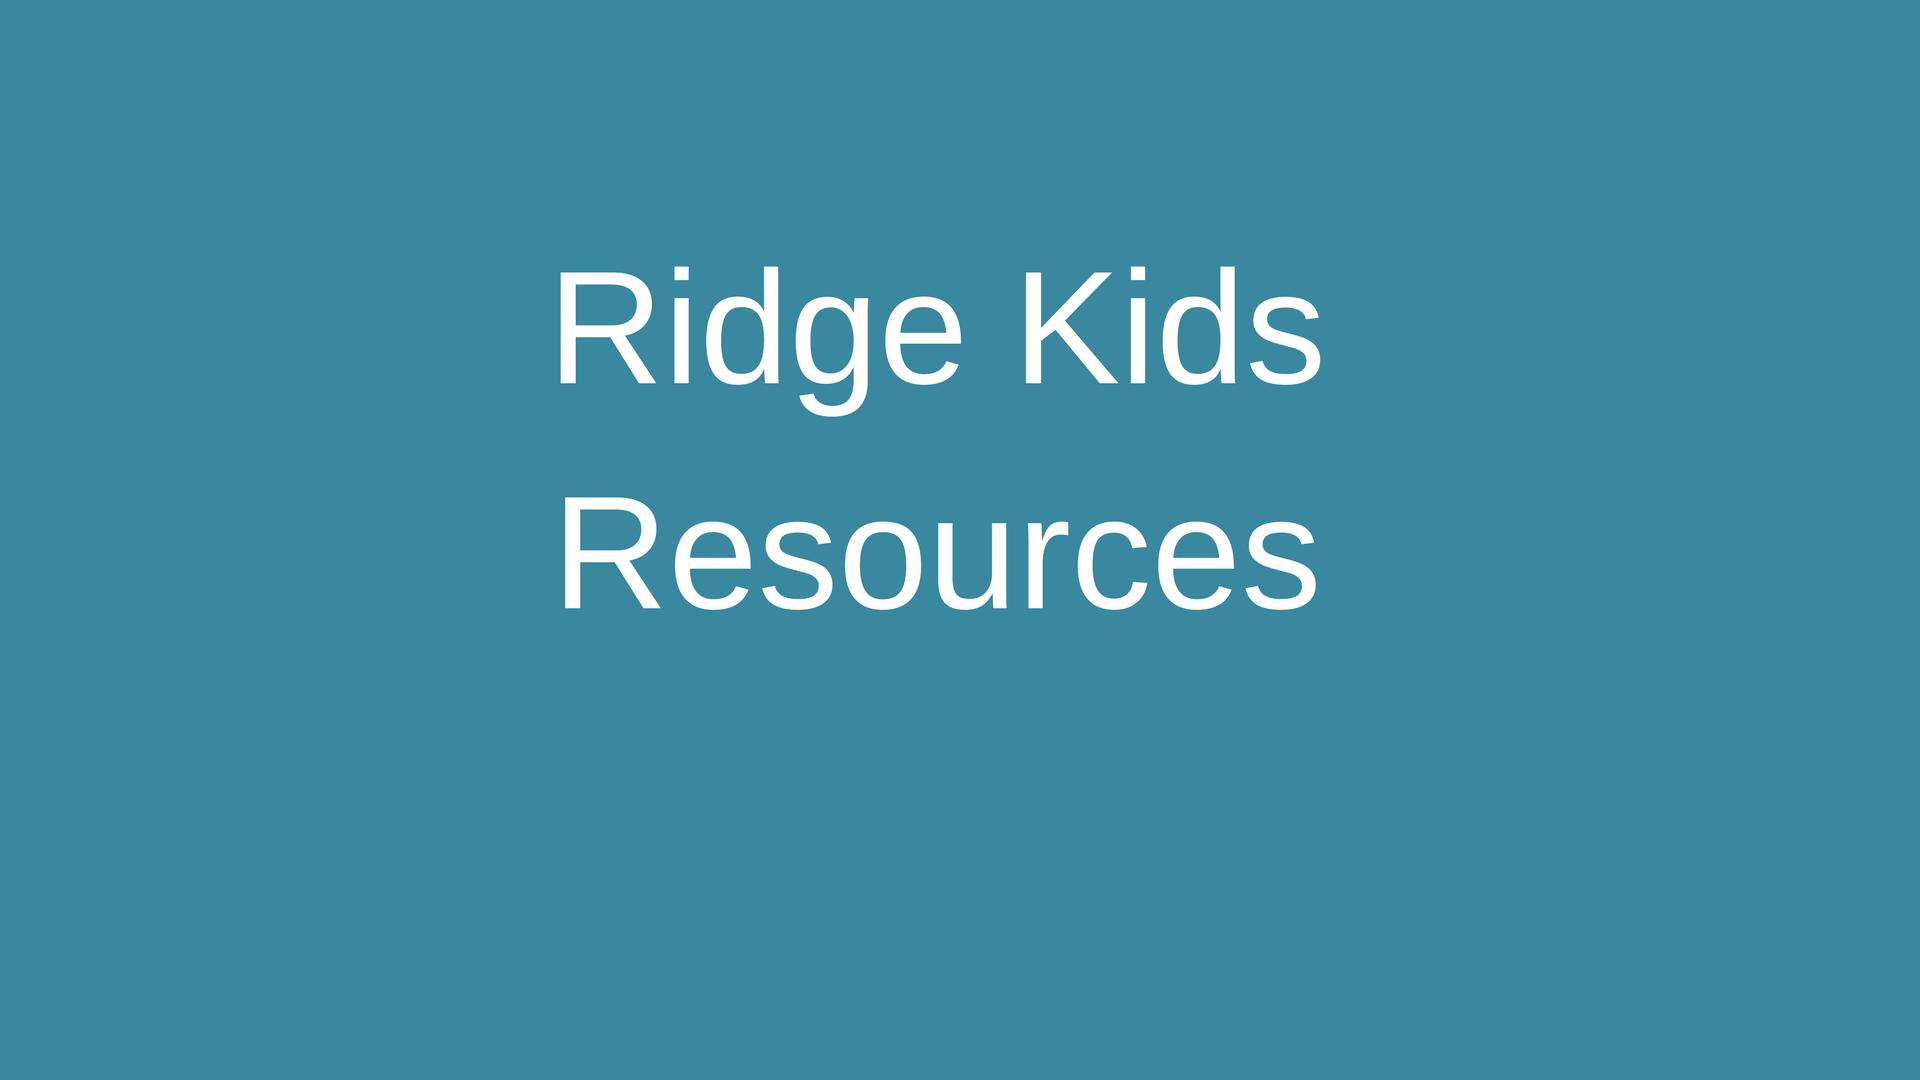 Ridge Kids Resources.png